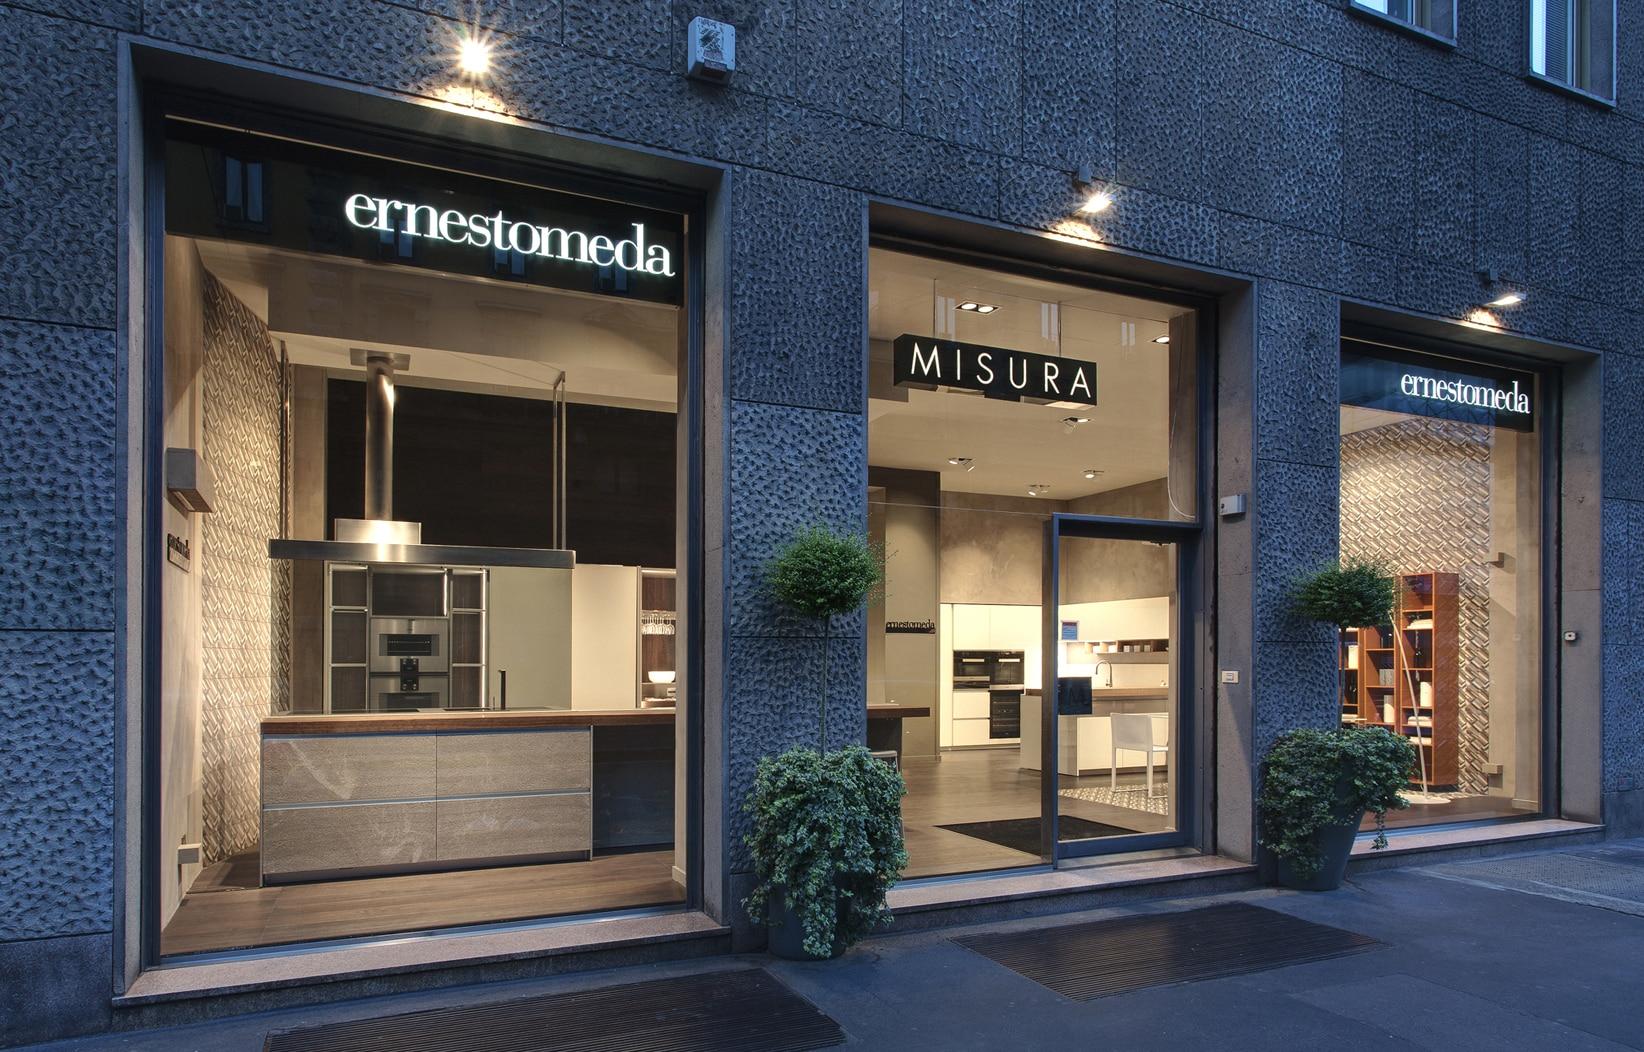 Nuovo spazio ernestomeda by misura arredamenti 1 interni for Borghi arredamenti